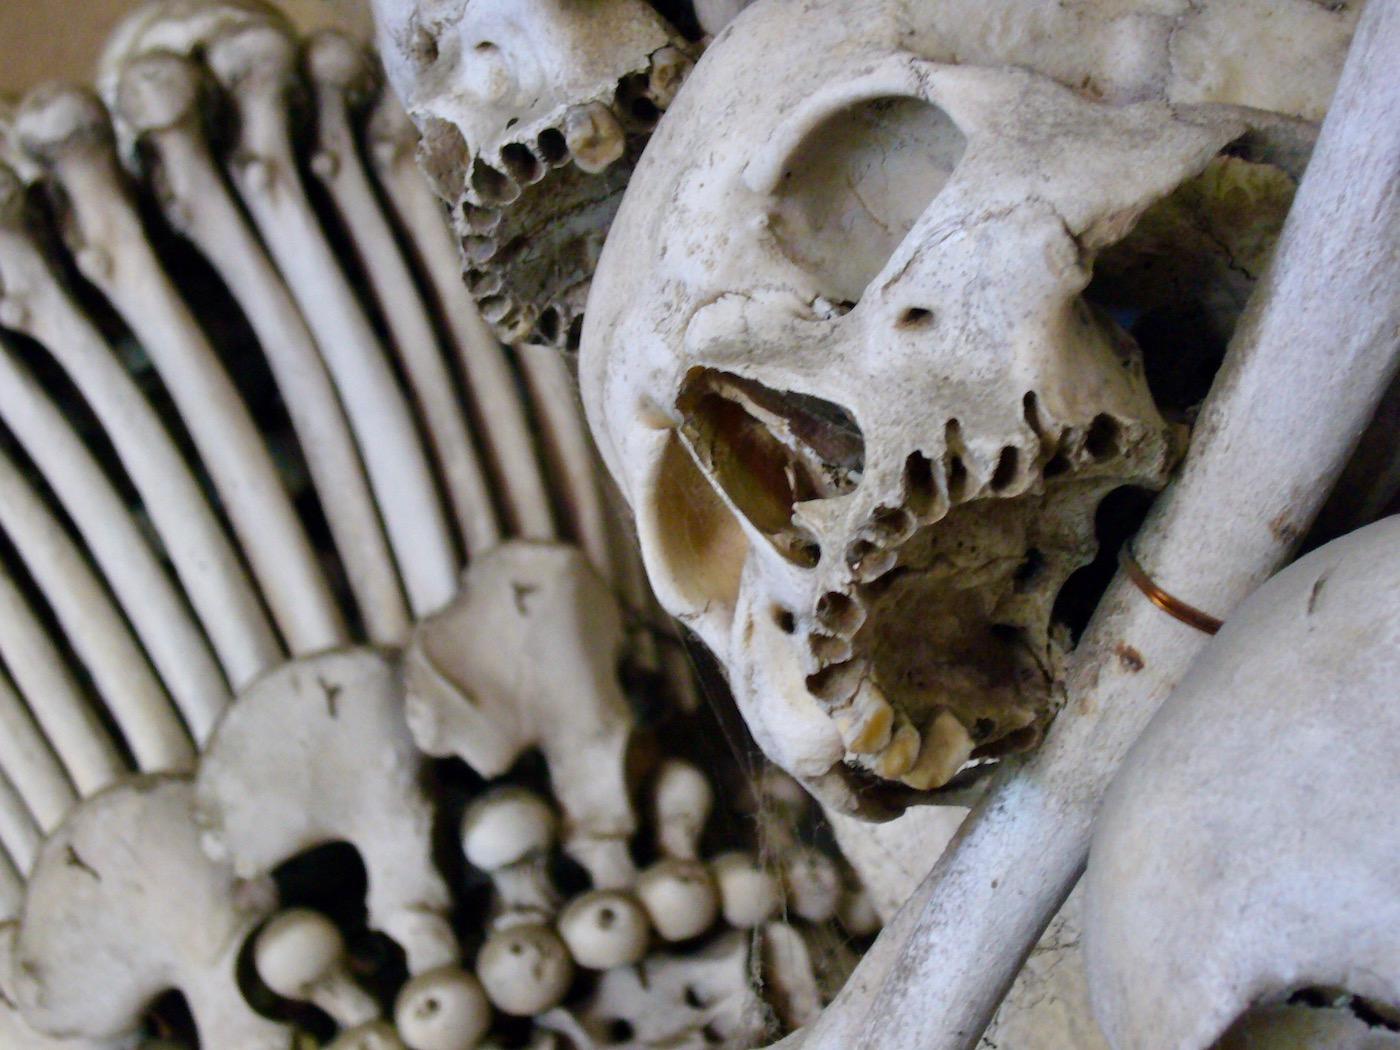 mark_benecke_kutna_hora_sedlec_prag_prague_ossuary_ossuarium - 104.jpg